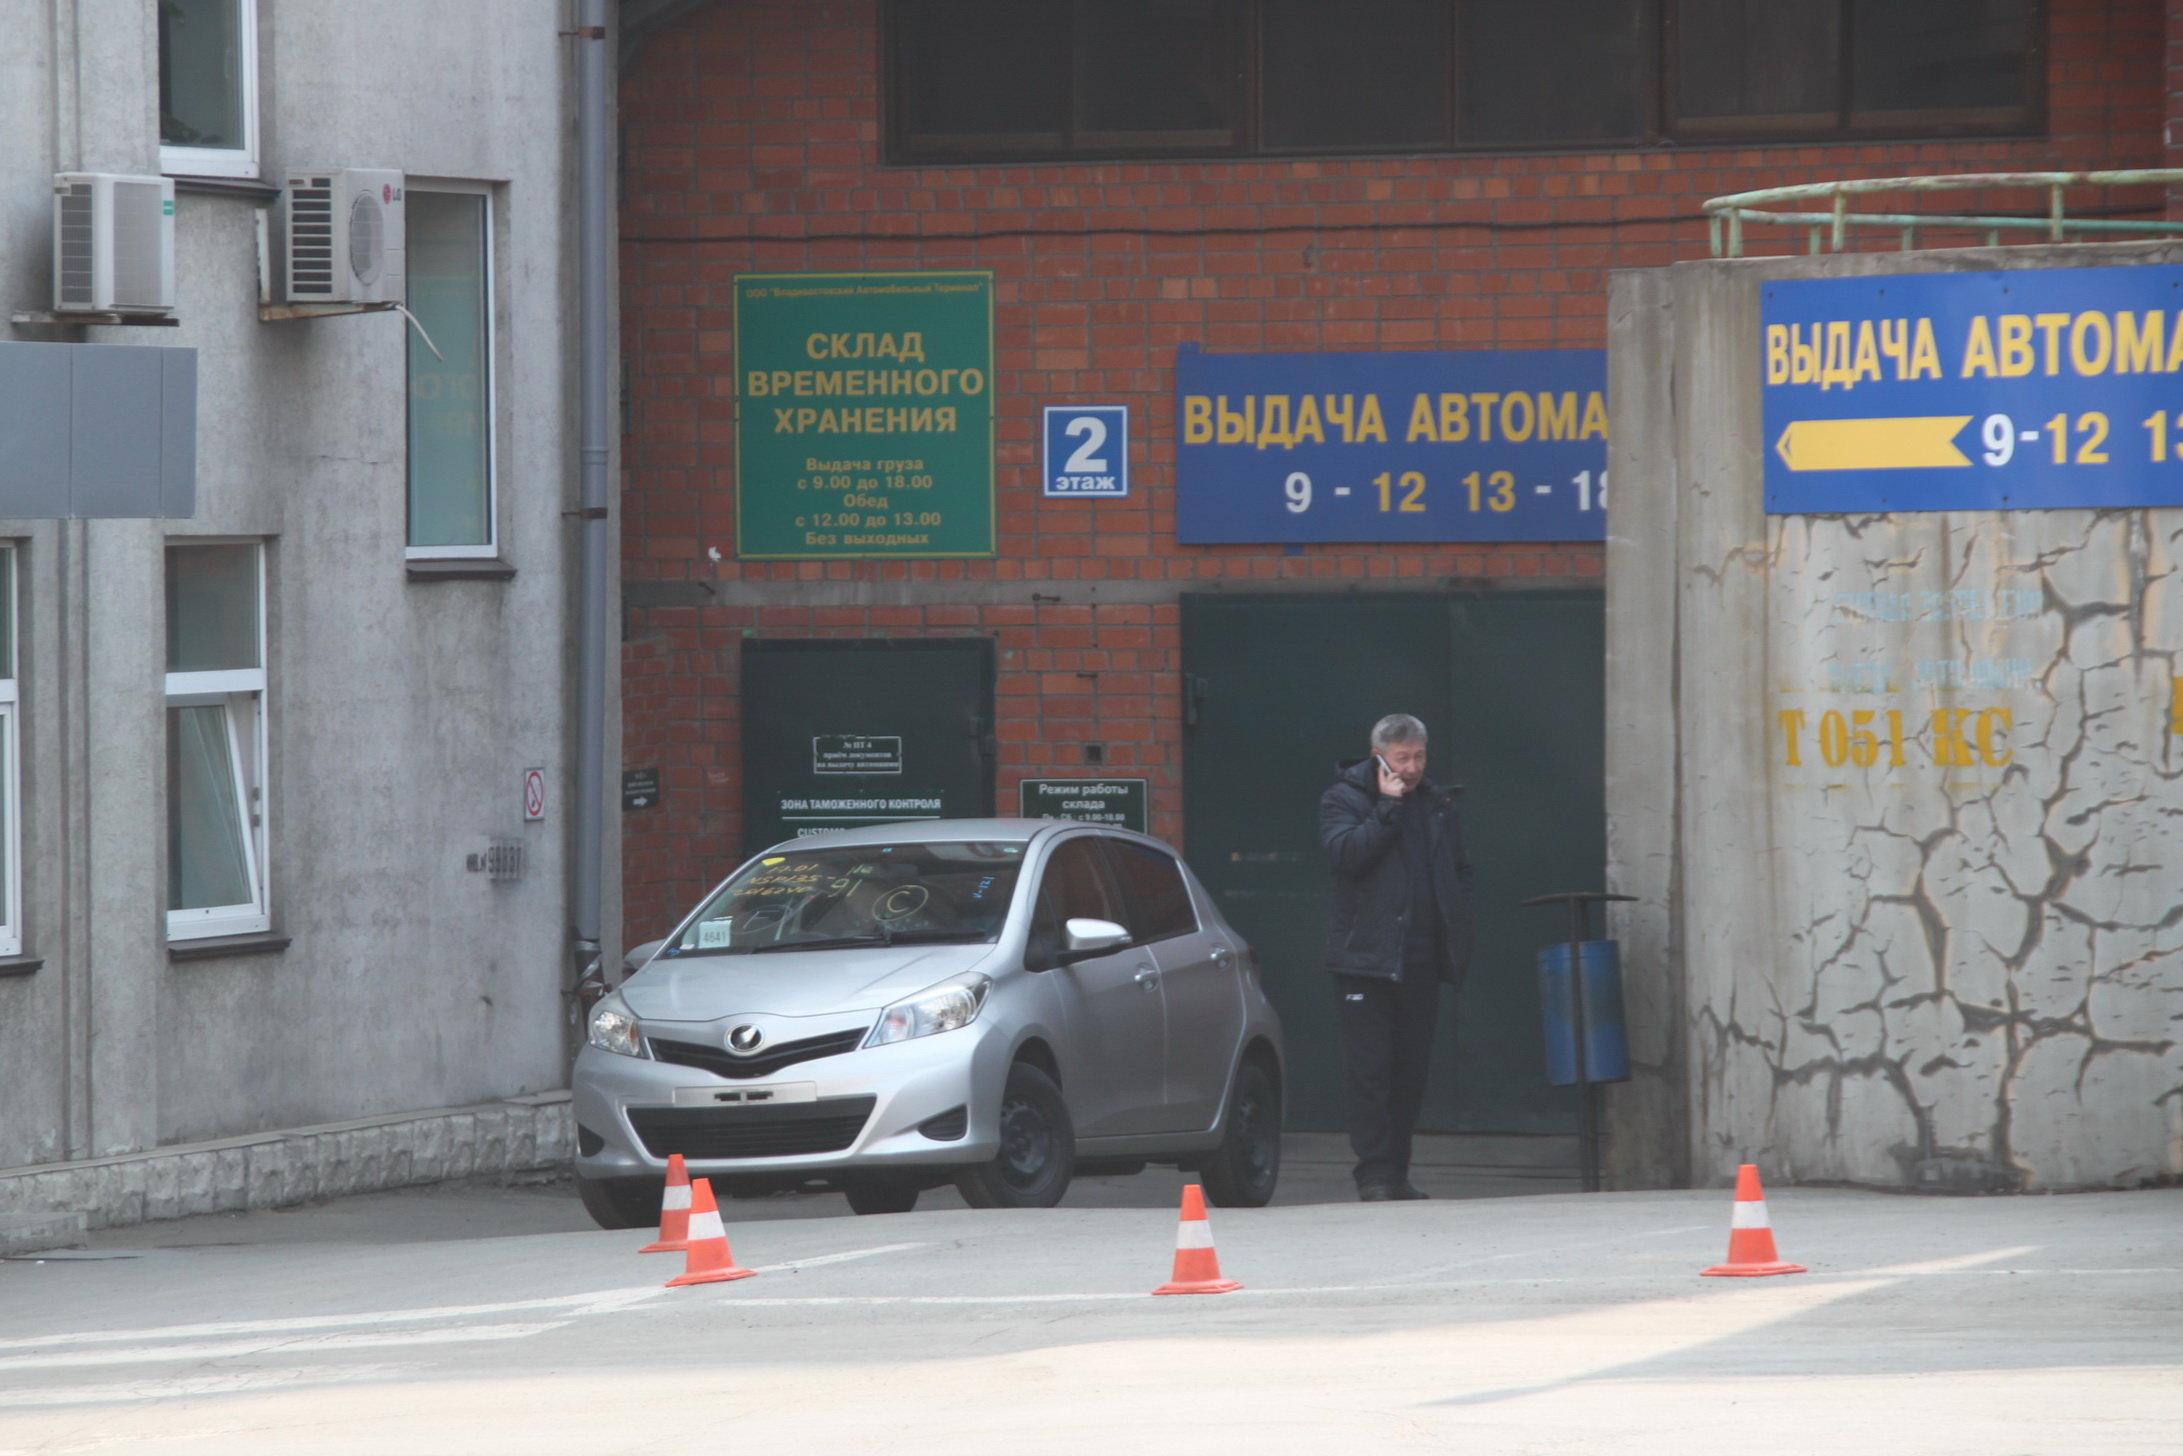 Импорт в РФ подержанных авто закрыт практически три месяца